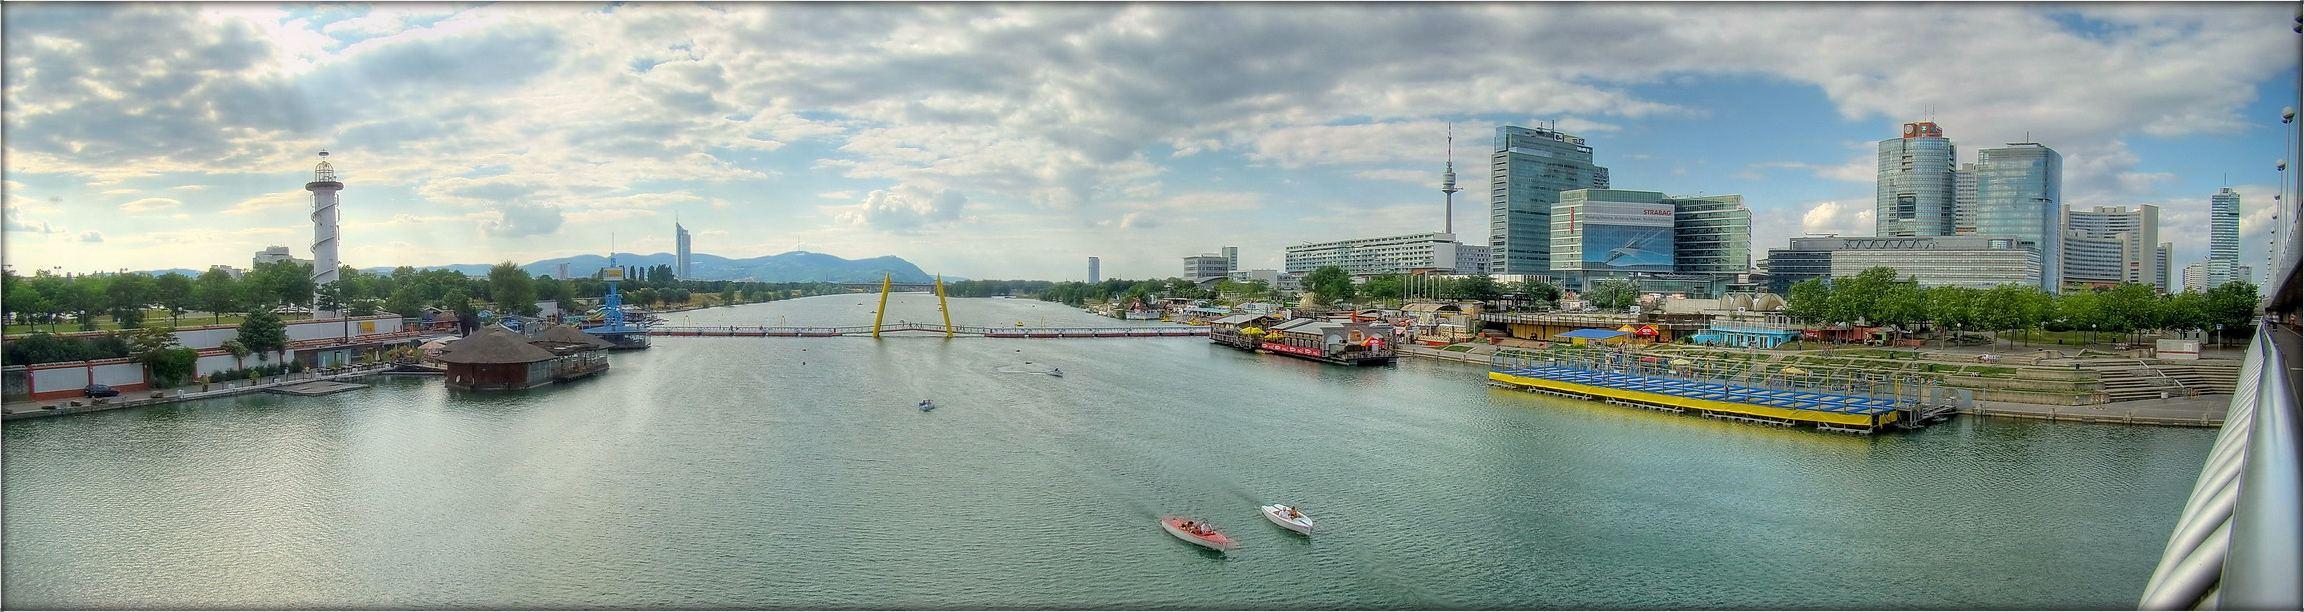 Дунай в районе Новой Вены.